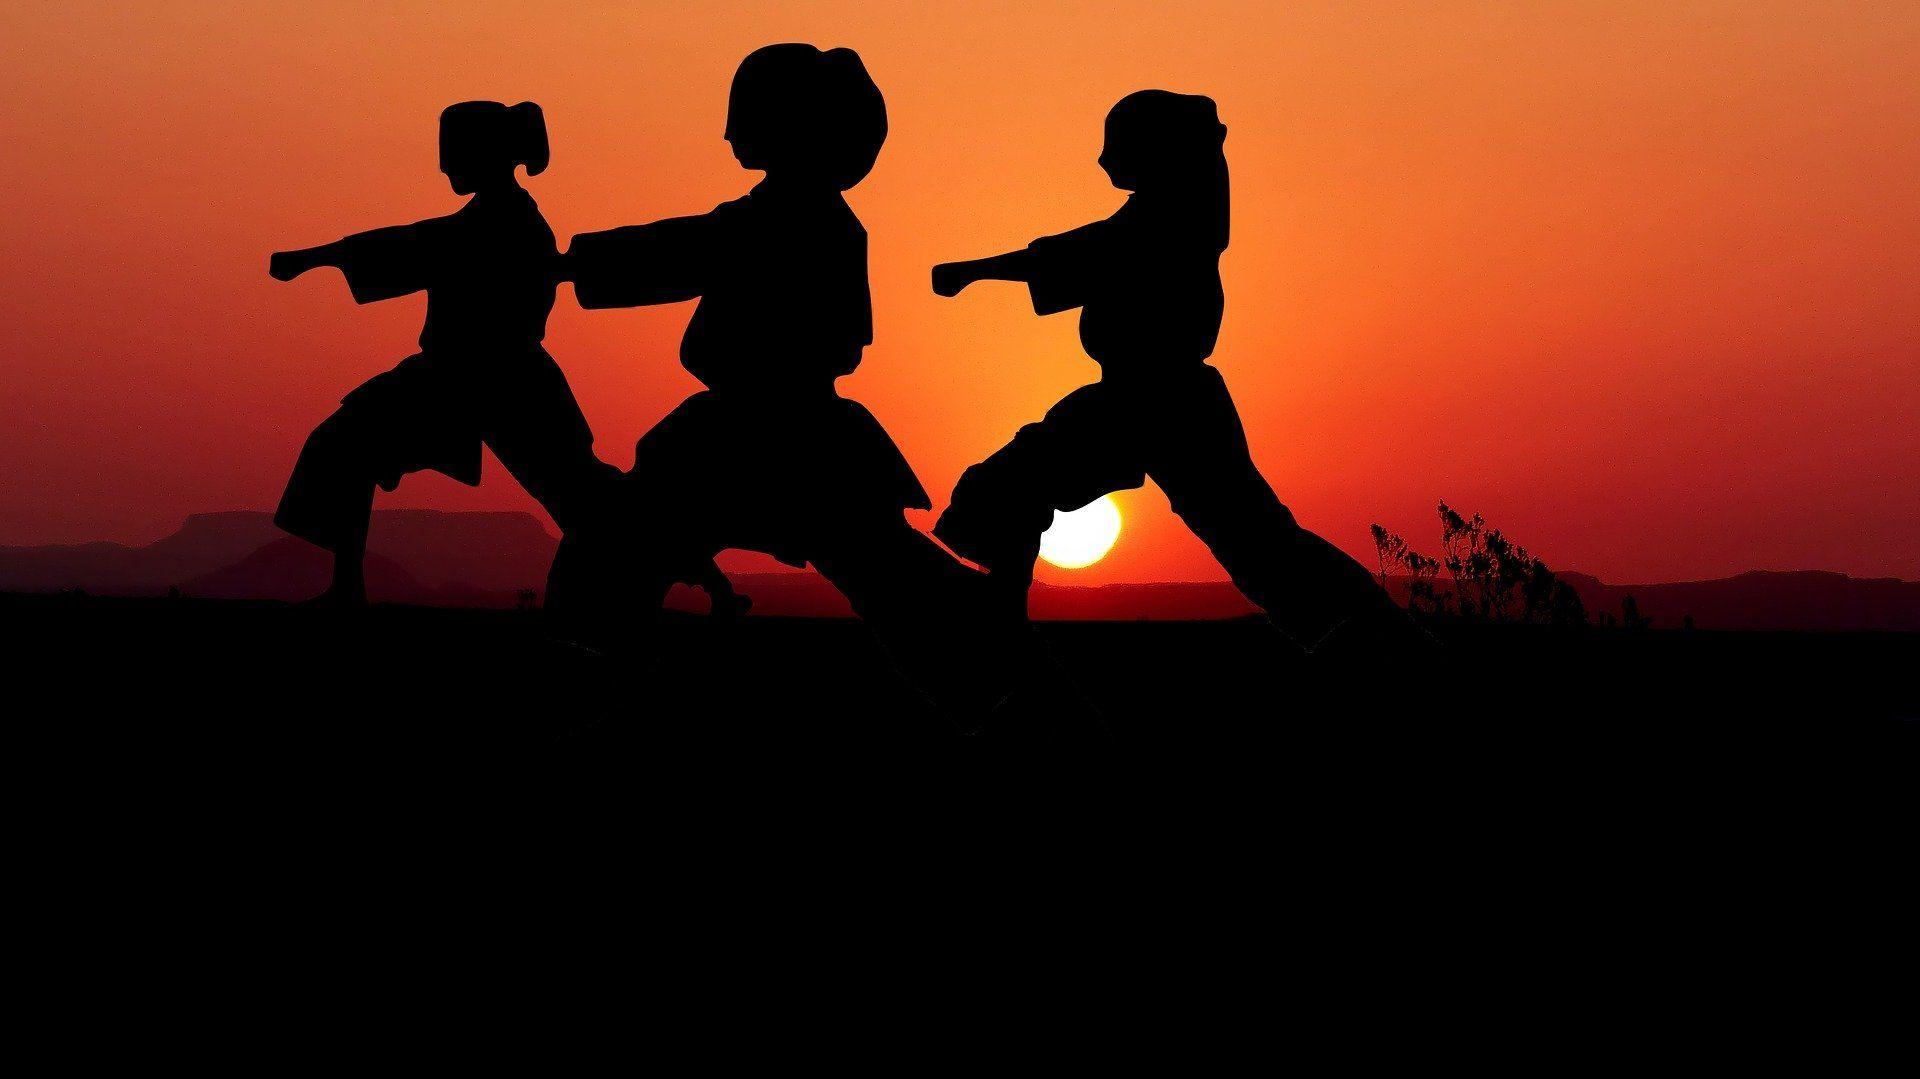 ما تفسير حلم شخص يدافع عني في المنام للعزباء Karate Classes Karate Karate Kata